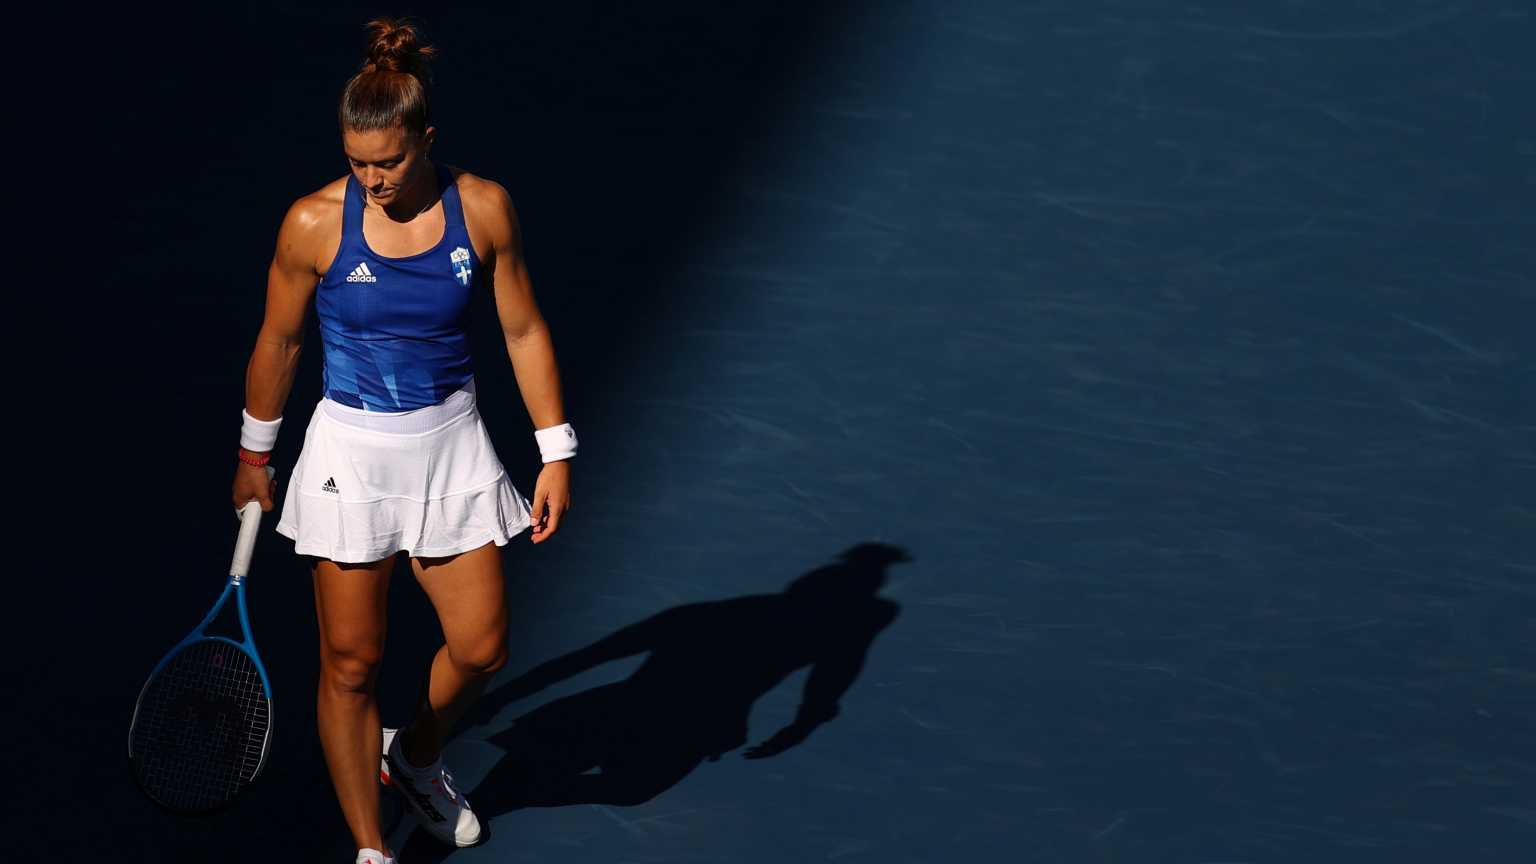 Ολυμπιακοί Αγώνες, Μαρία Σάκκαρη – Ελίνα Σβιτολίνα: Αποκλείστηκε μετά από φοβερή «μάχη» η Ελληνίδα